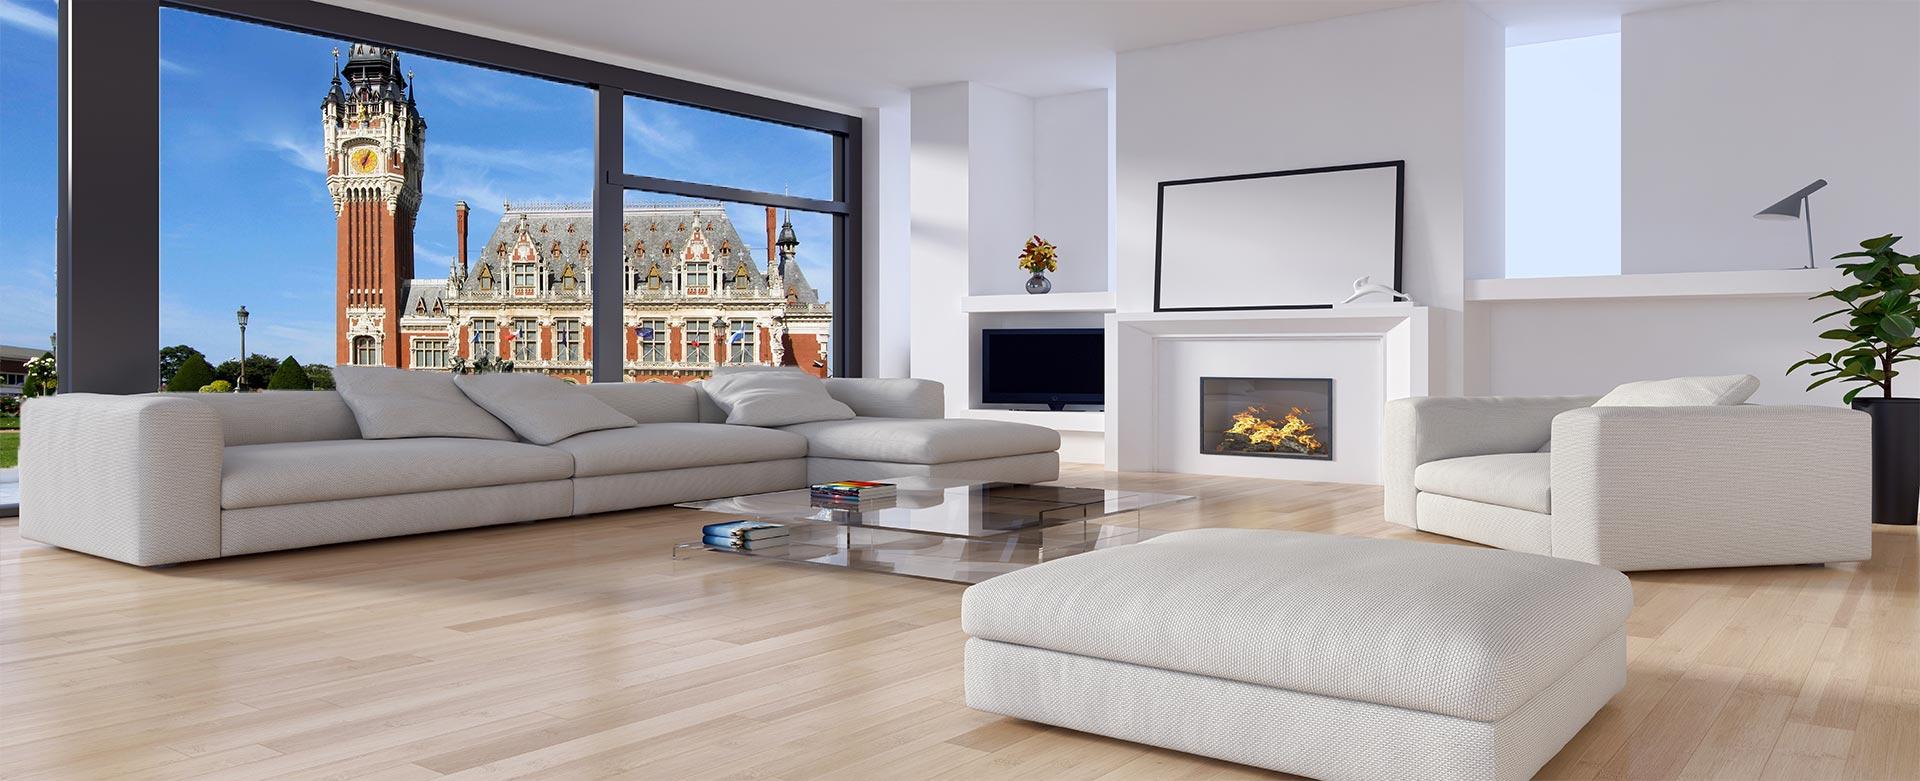 immobilier nord pas de calais annonces immobili res en nord pas de calais. Black Bedroom Furniture Sets. Home Design Ideas